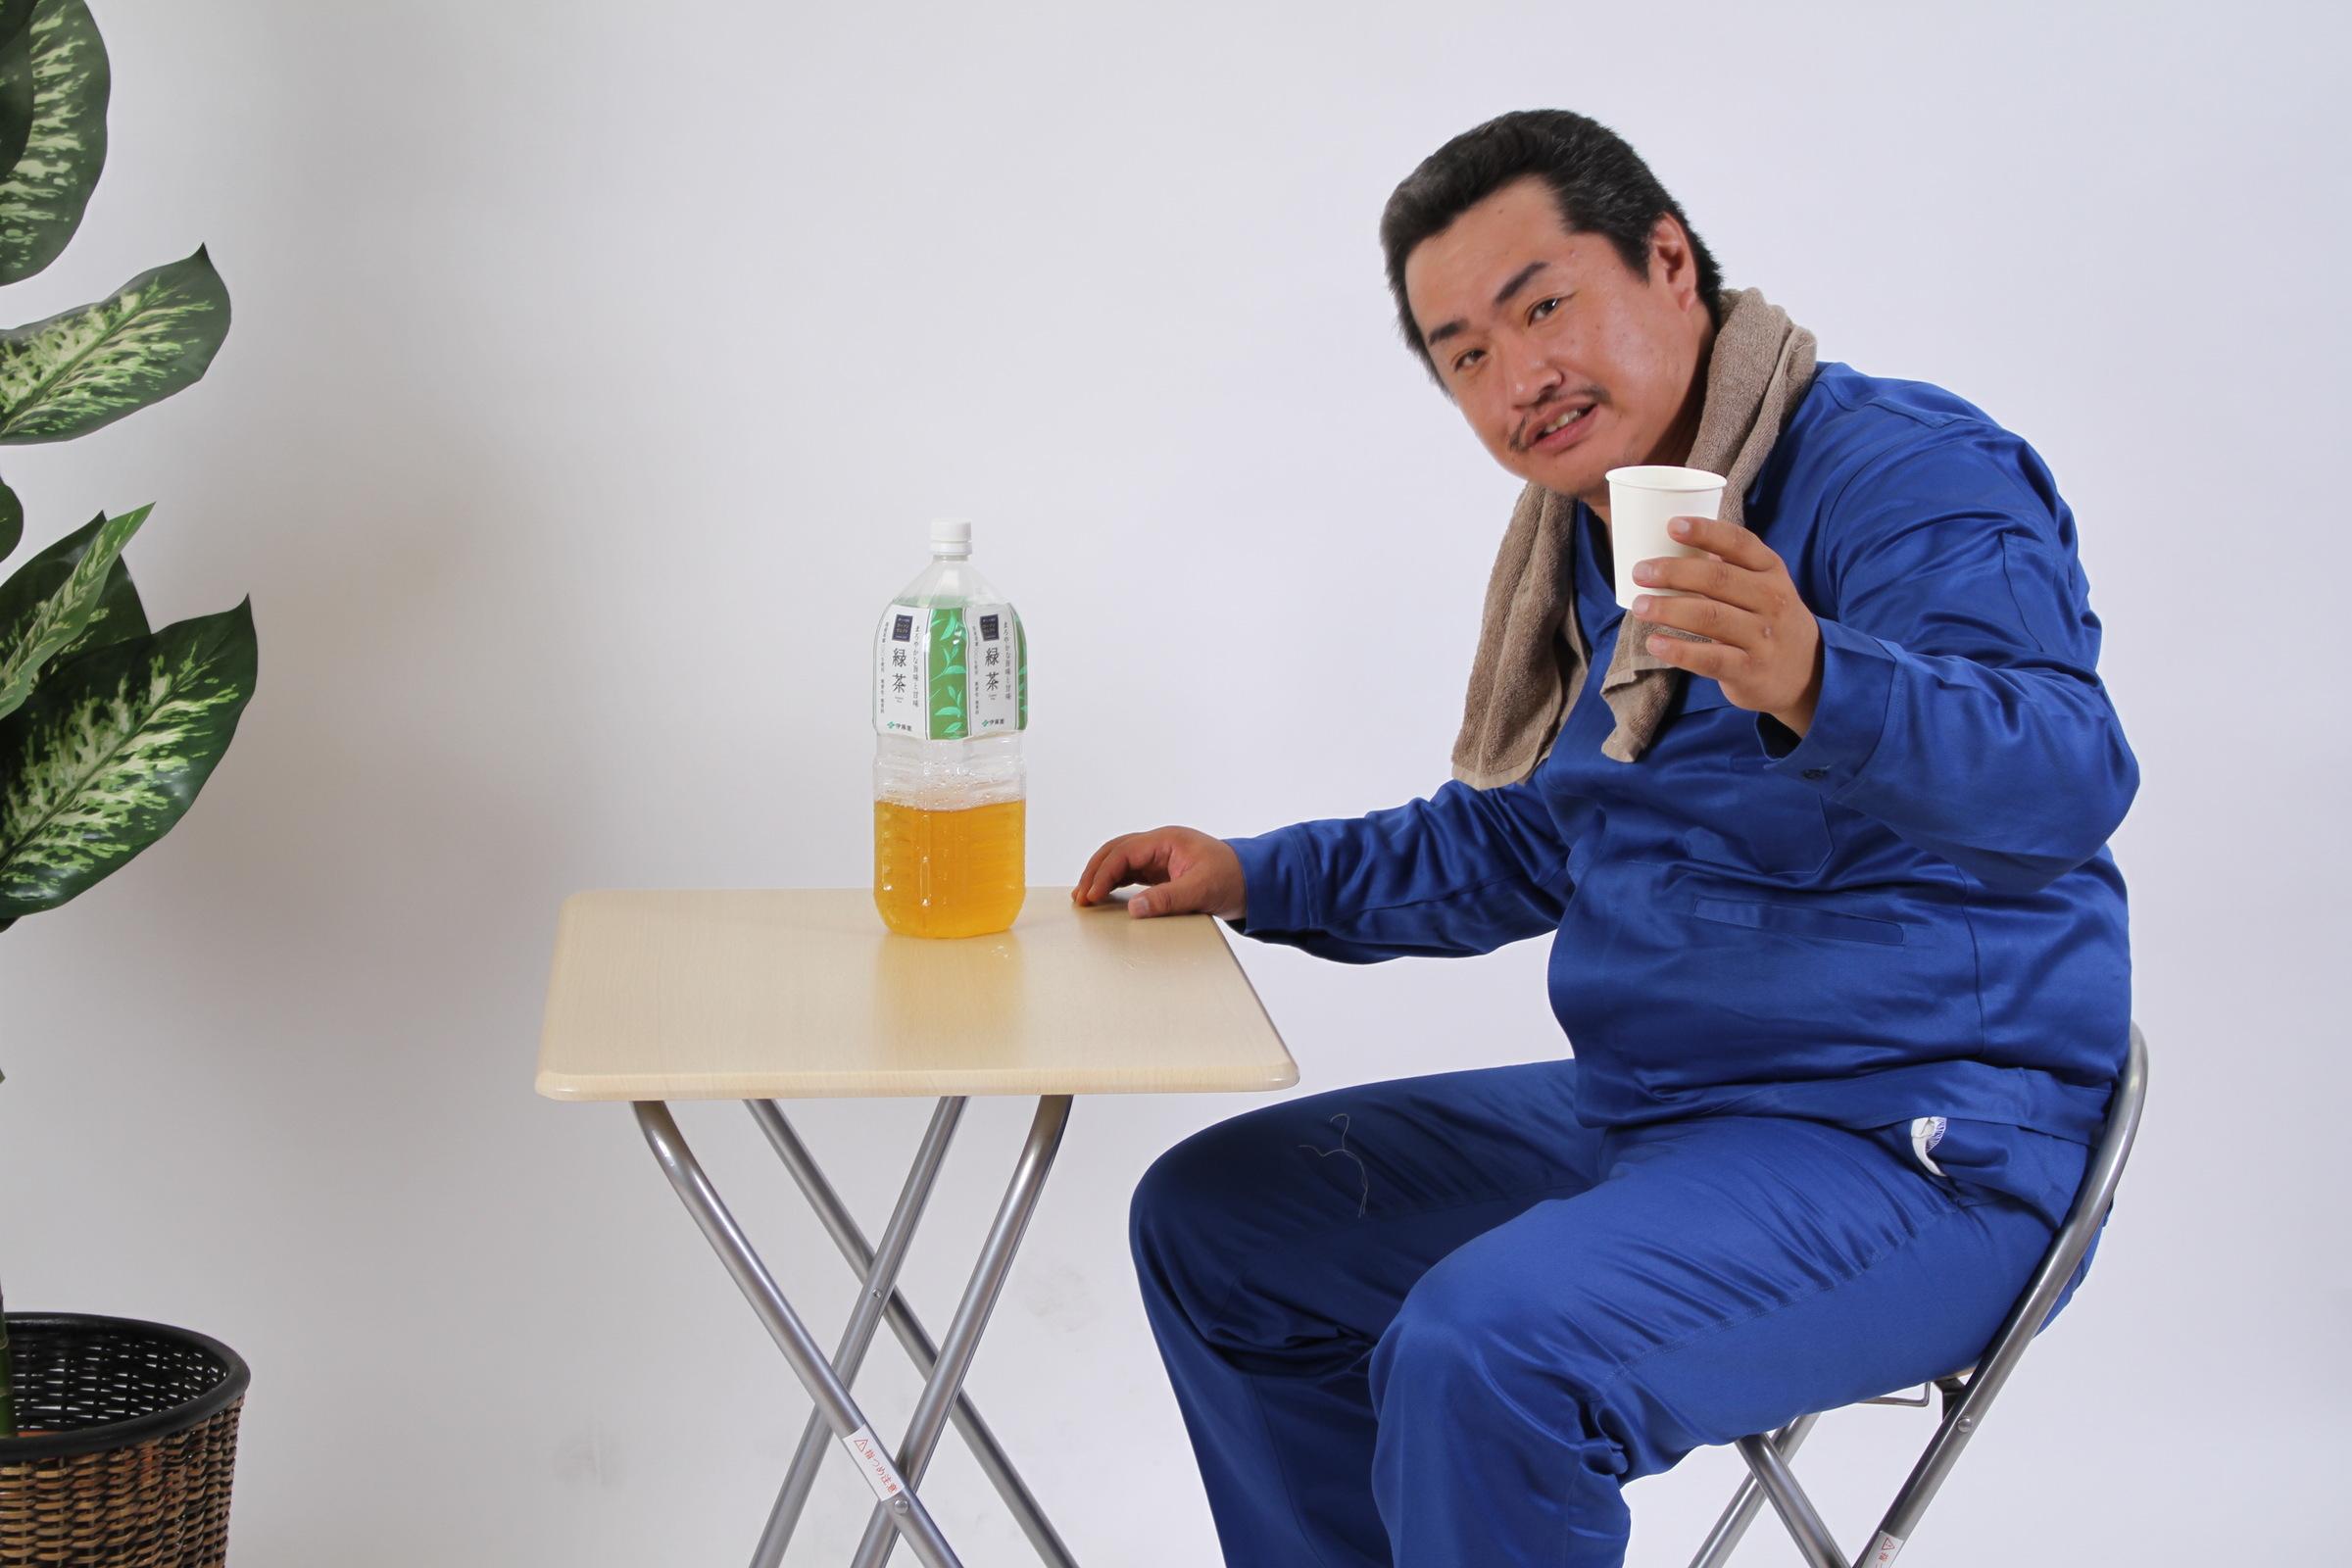 「緑茶とおっさんです」,シニア,写真,画像,素材,老人,高齢者,フリー